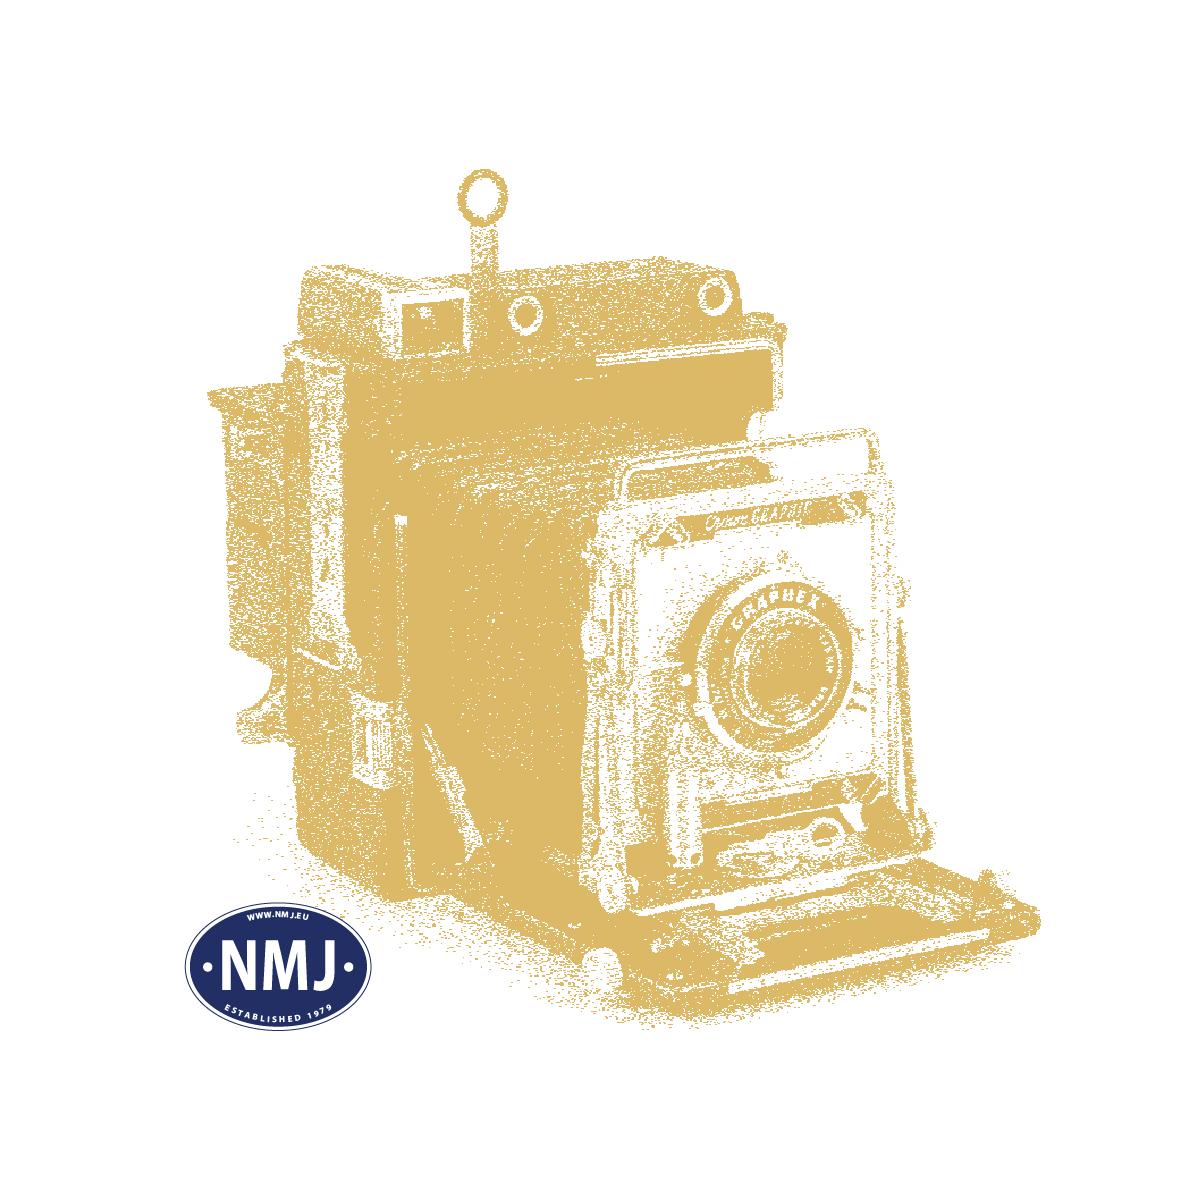 NMJT90208 - NMJ Topline MAV M61.010, NMJ Spezial m/Sound